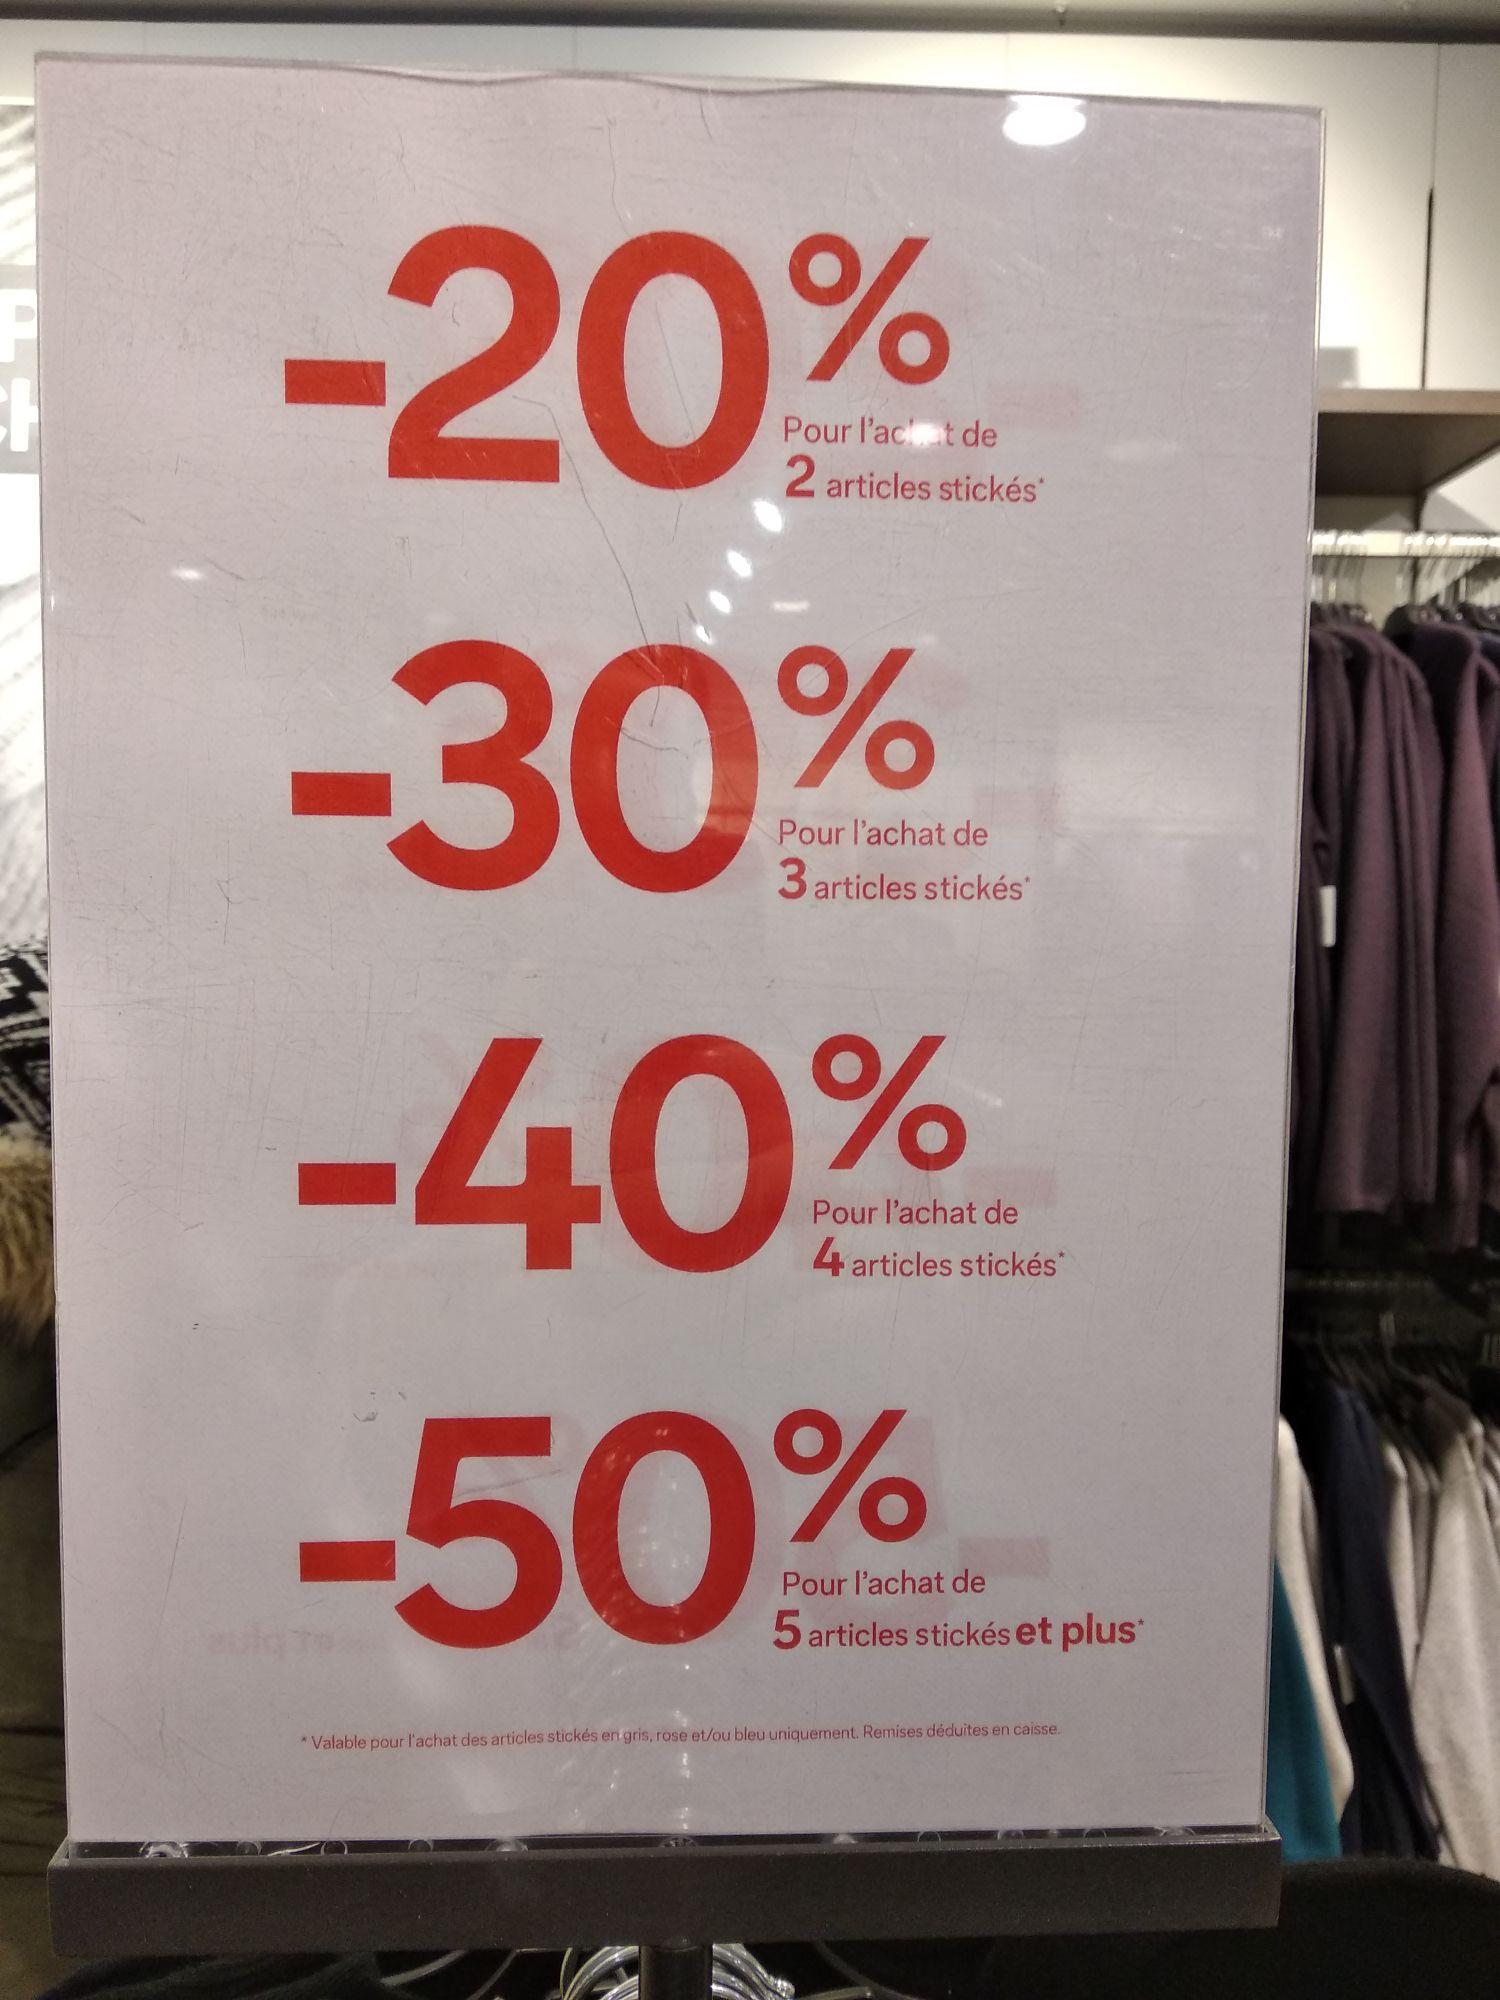 Jusqu'à 50% de réduction sur les articles signalés en magasin